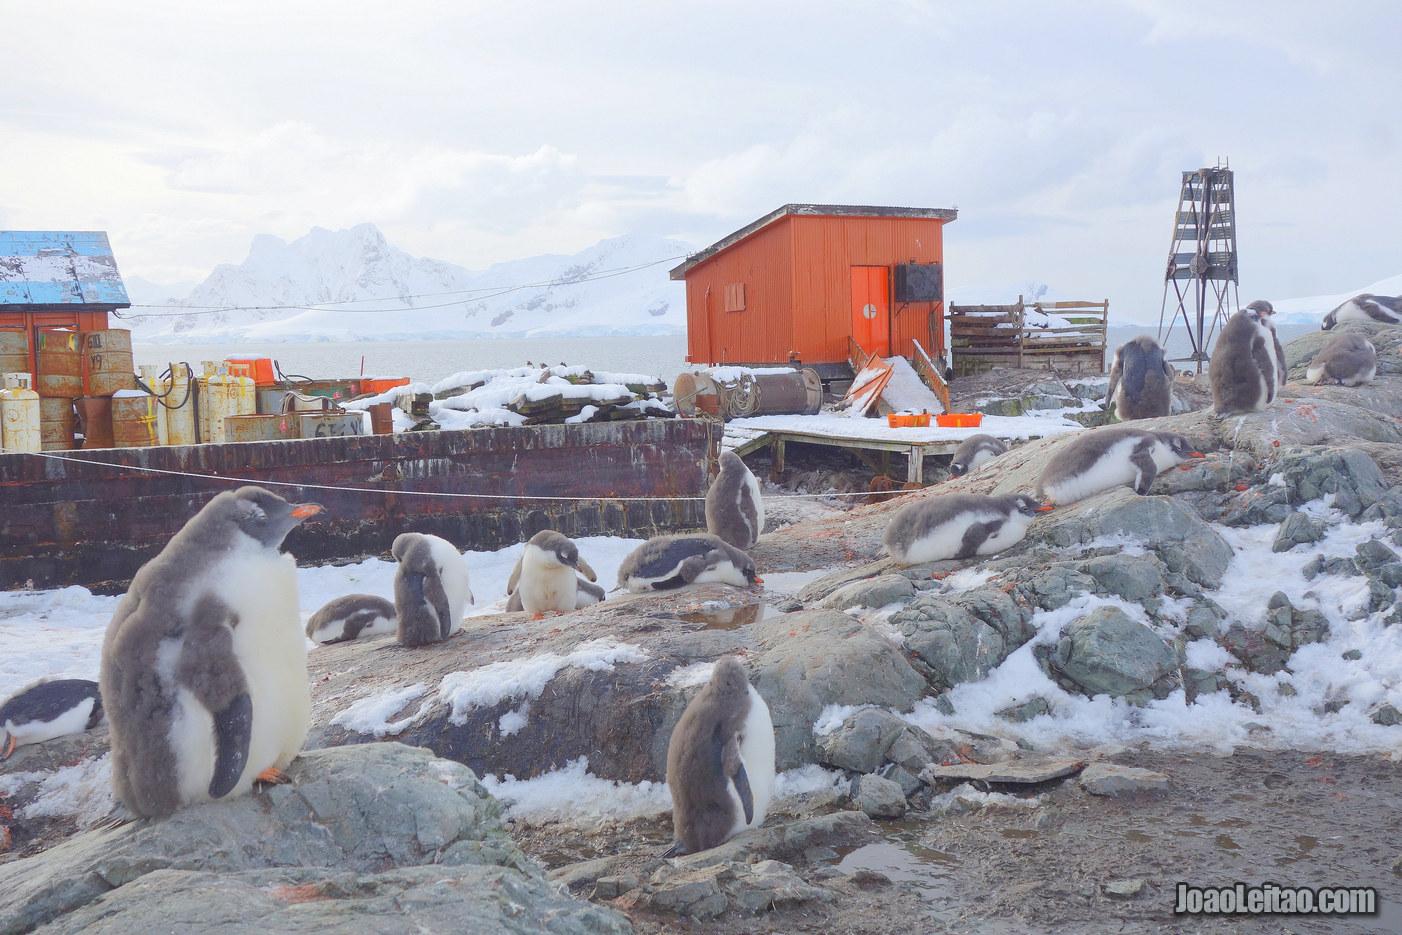 Visitar a Antártida - 17 Locais maravilhosos a não perder 8